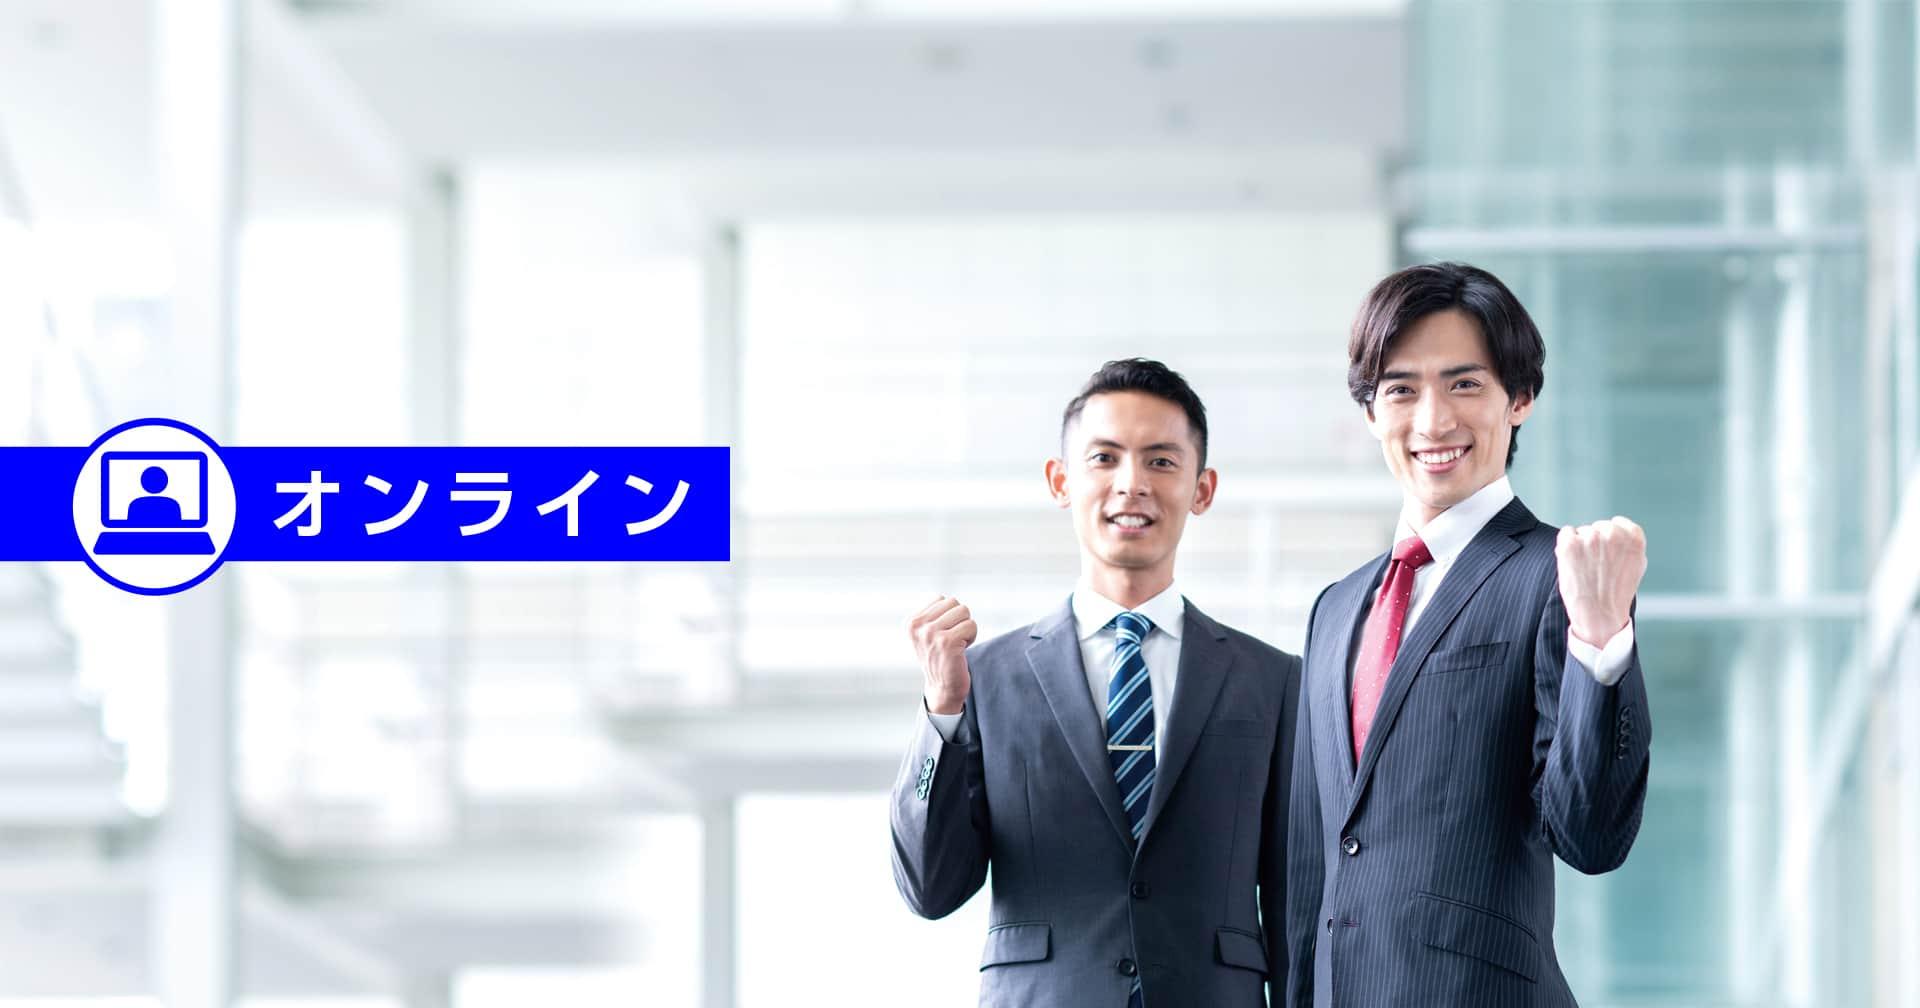 【オンライン版】PHPコーチング研修(1日)